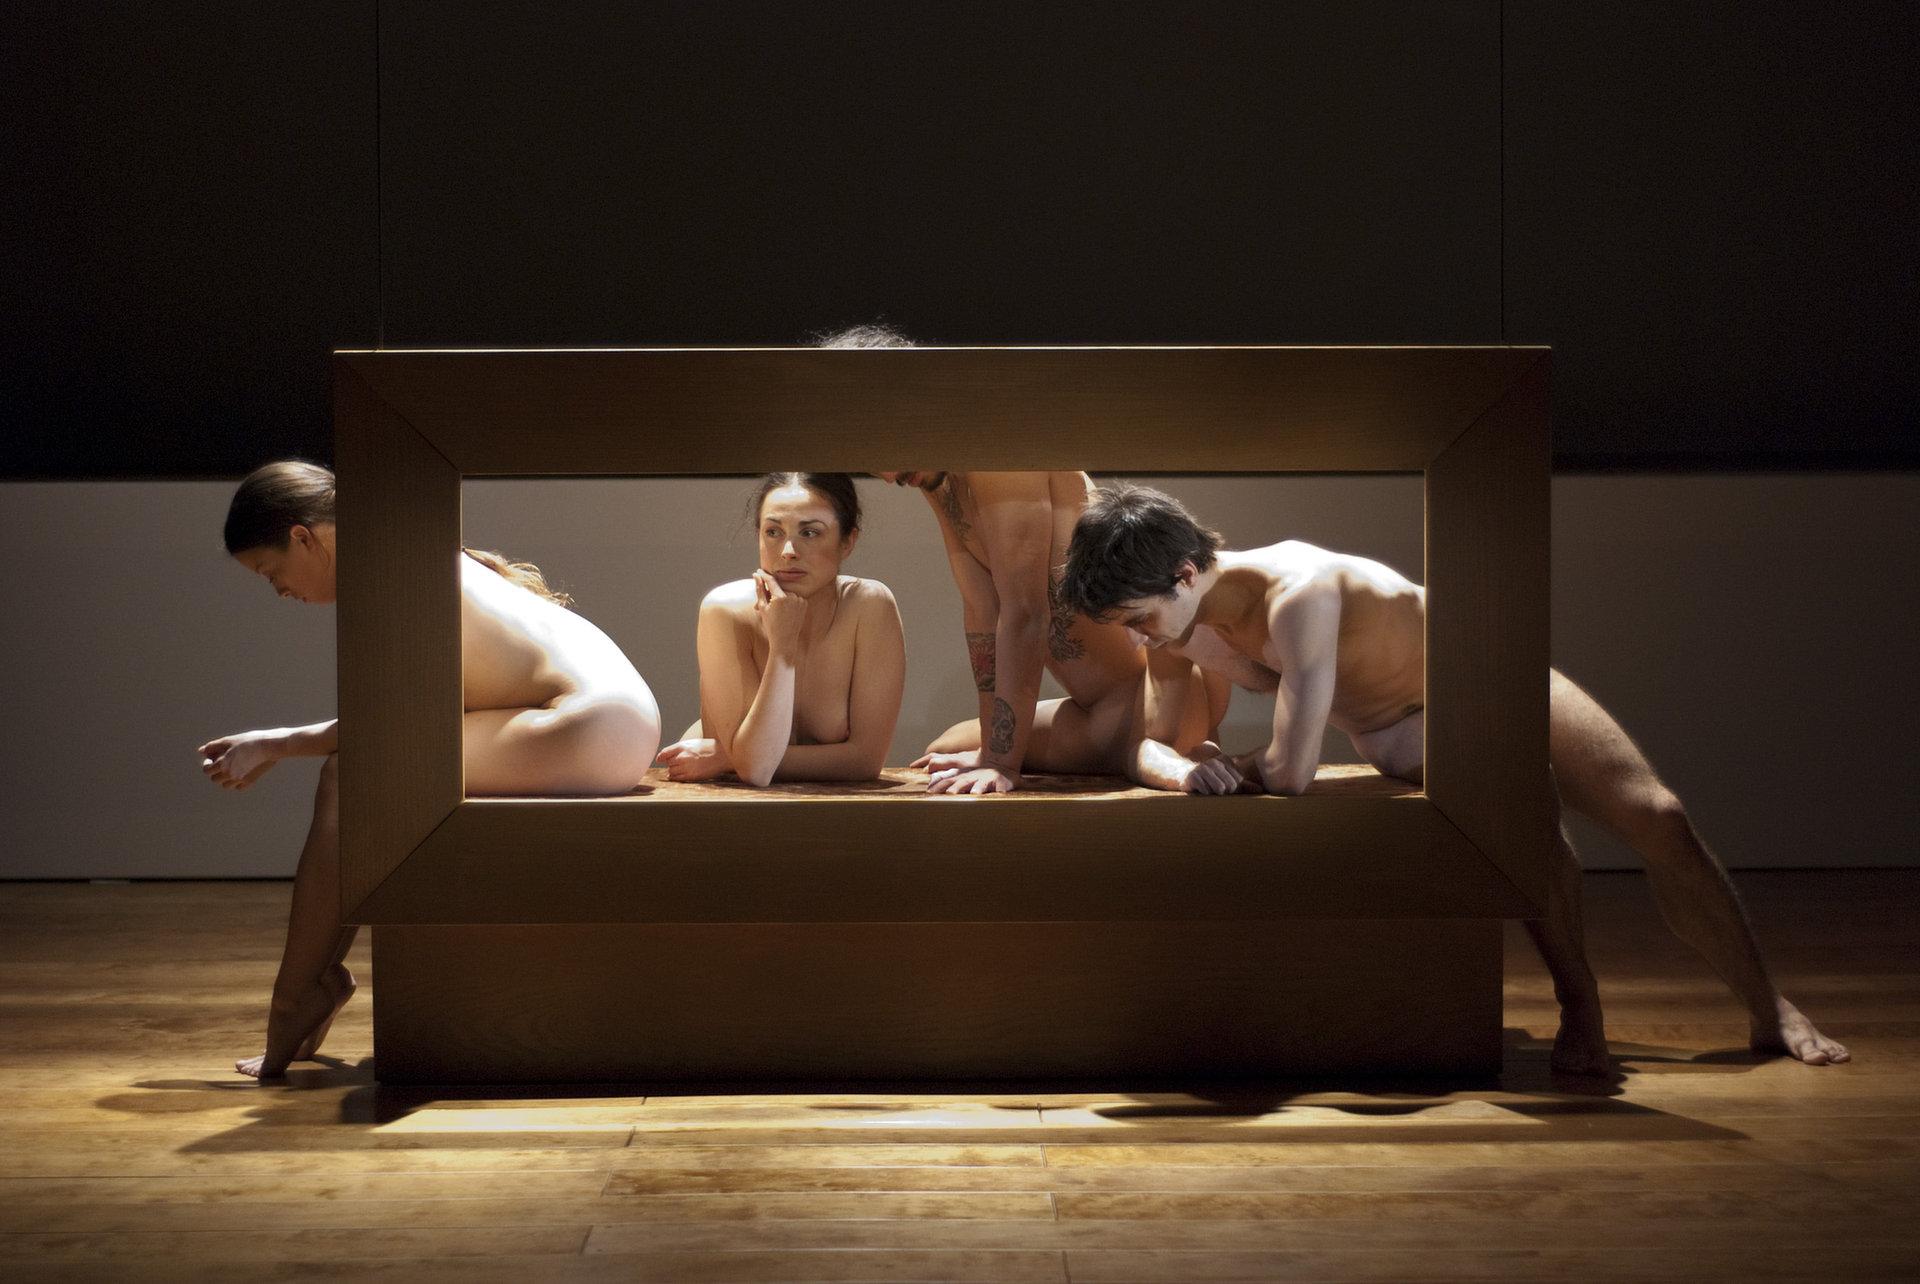 Grâce à Dieu ton corps (2012)